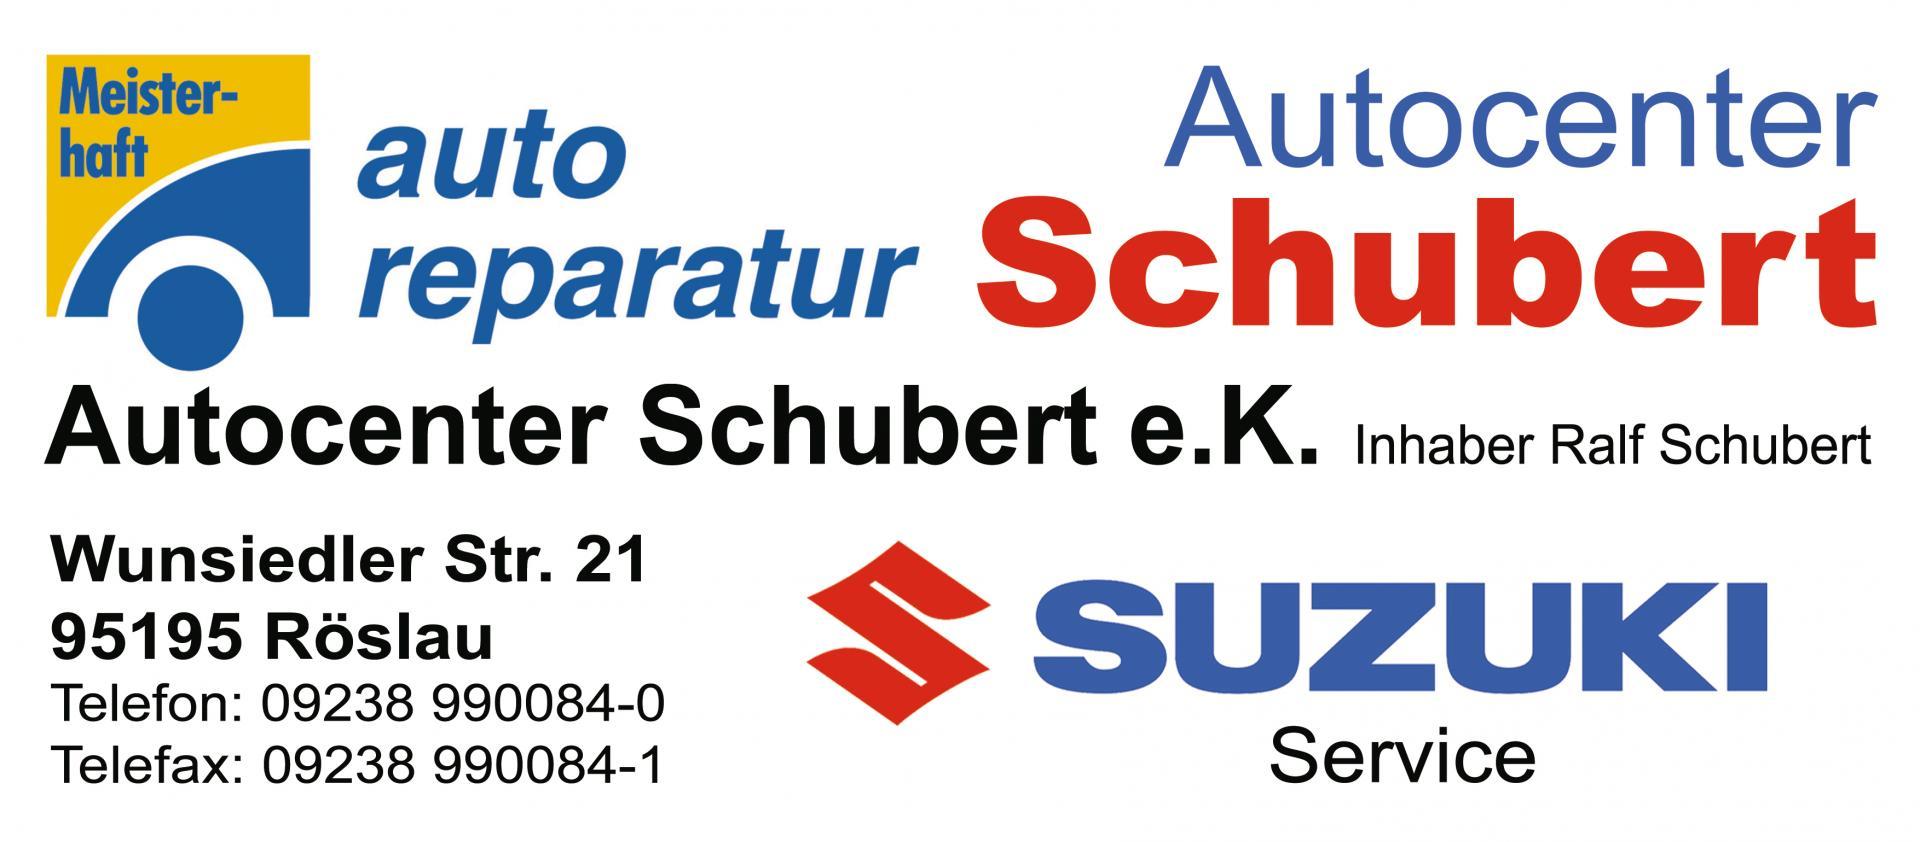 Autocenter Schubert e.K.